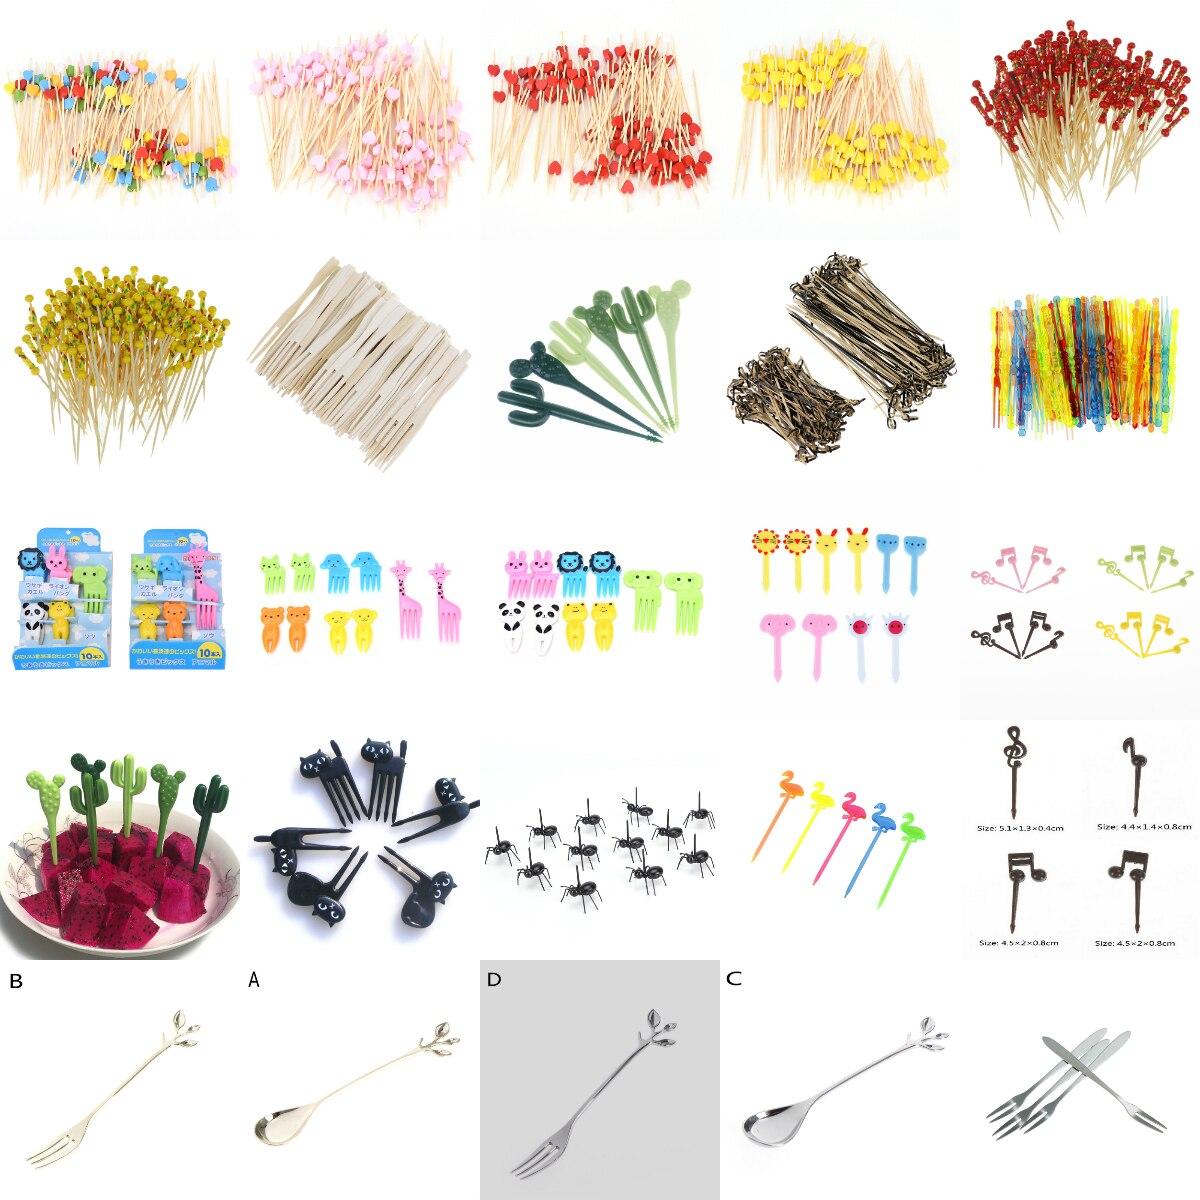 Cubertería, tenedor para frutas tenedores para tartas de postre, vajilla para picar comida, decoración de fiesta